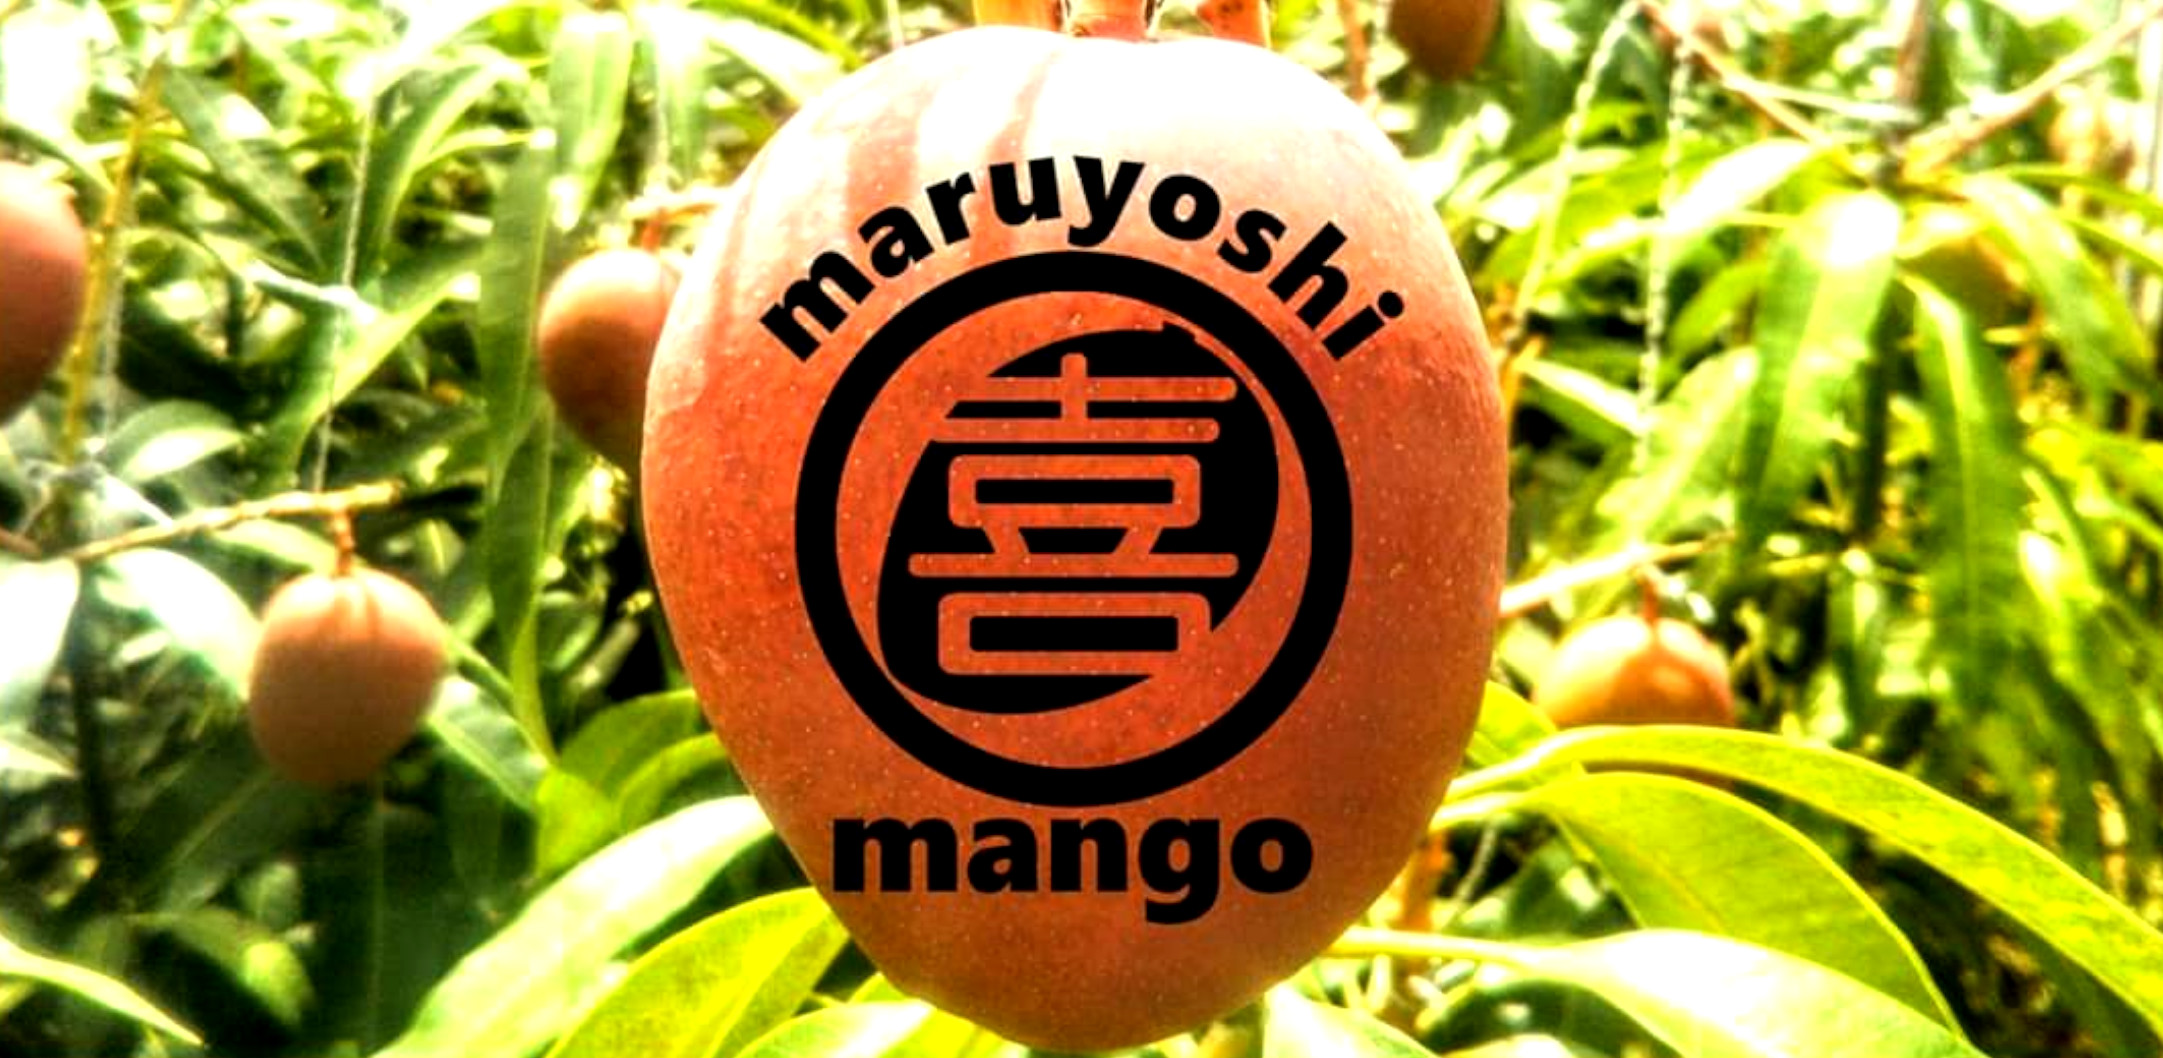 まるよしマンゴー農園 沖縄 「幸せの塊」